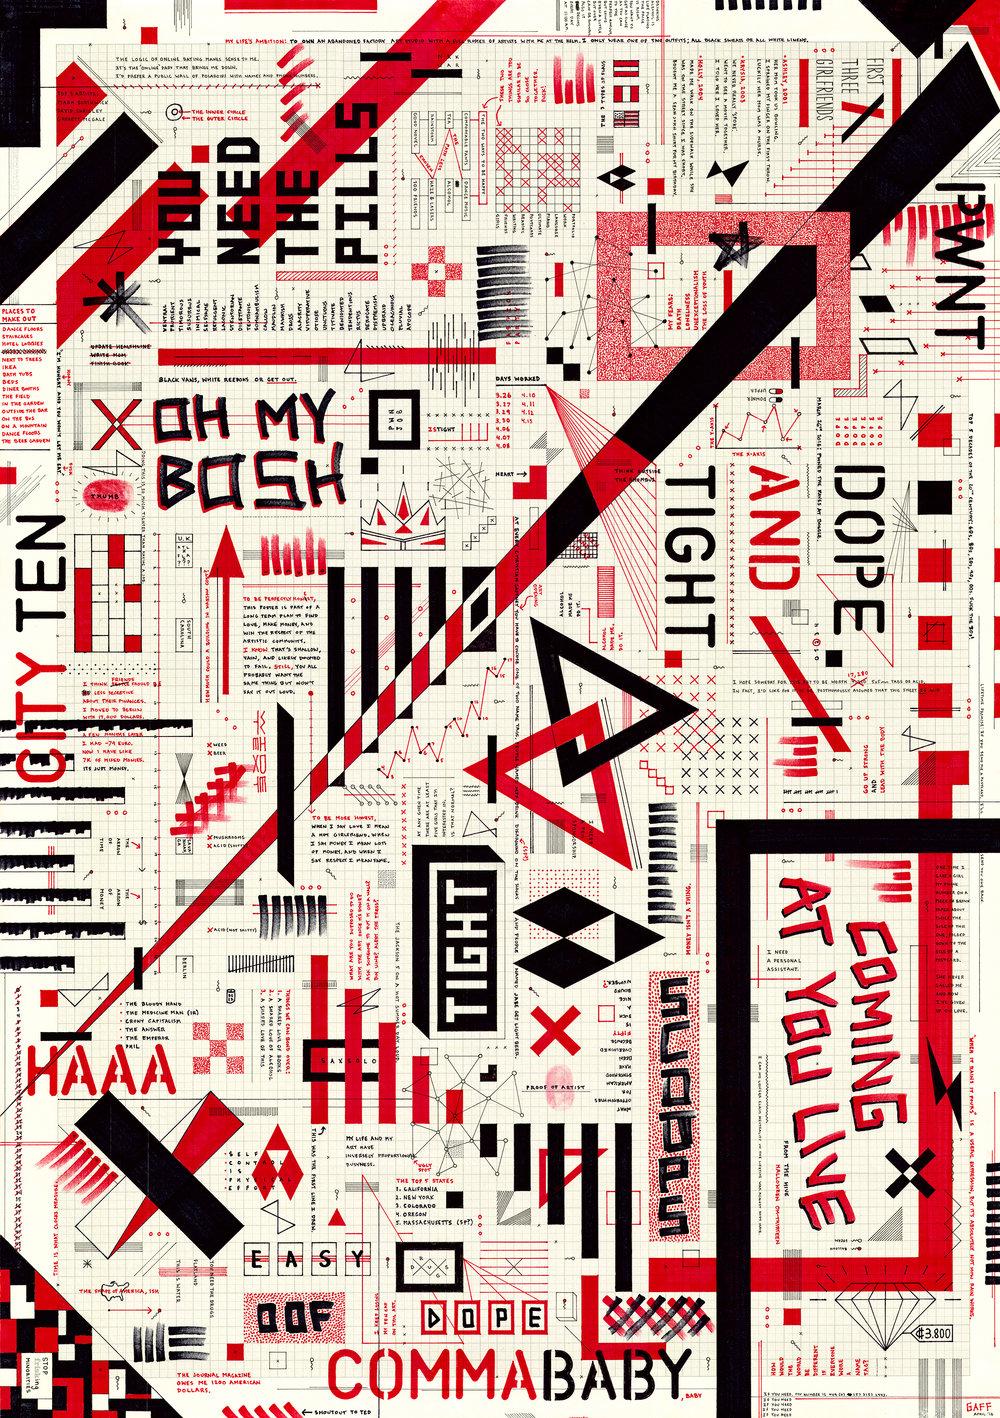 GraphPaper_01_WebMain.jpg